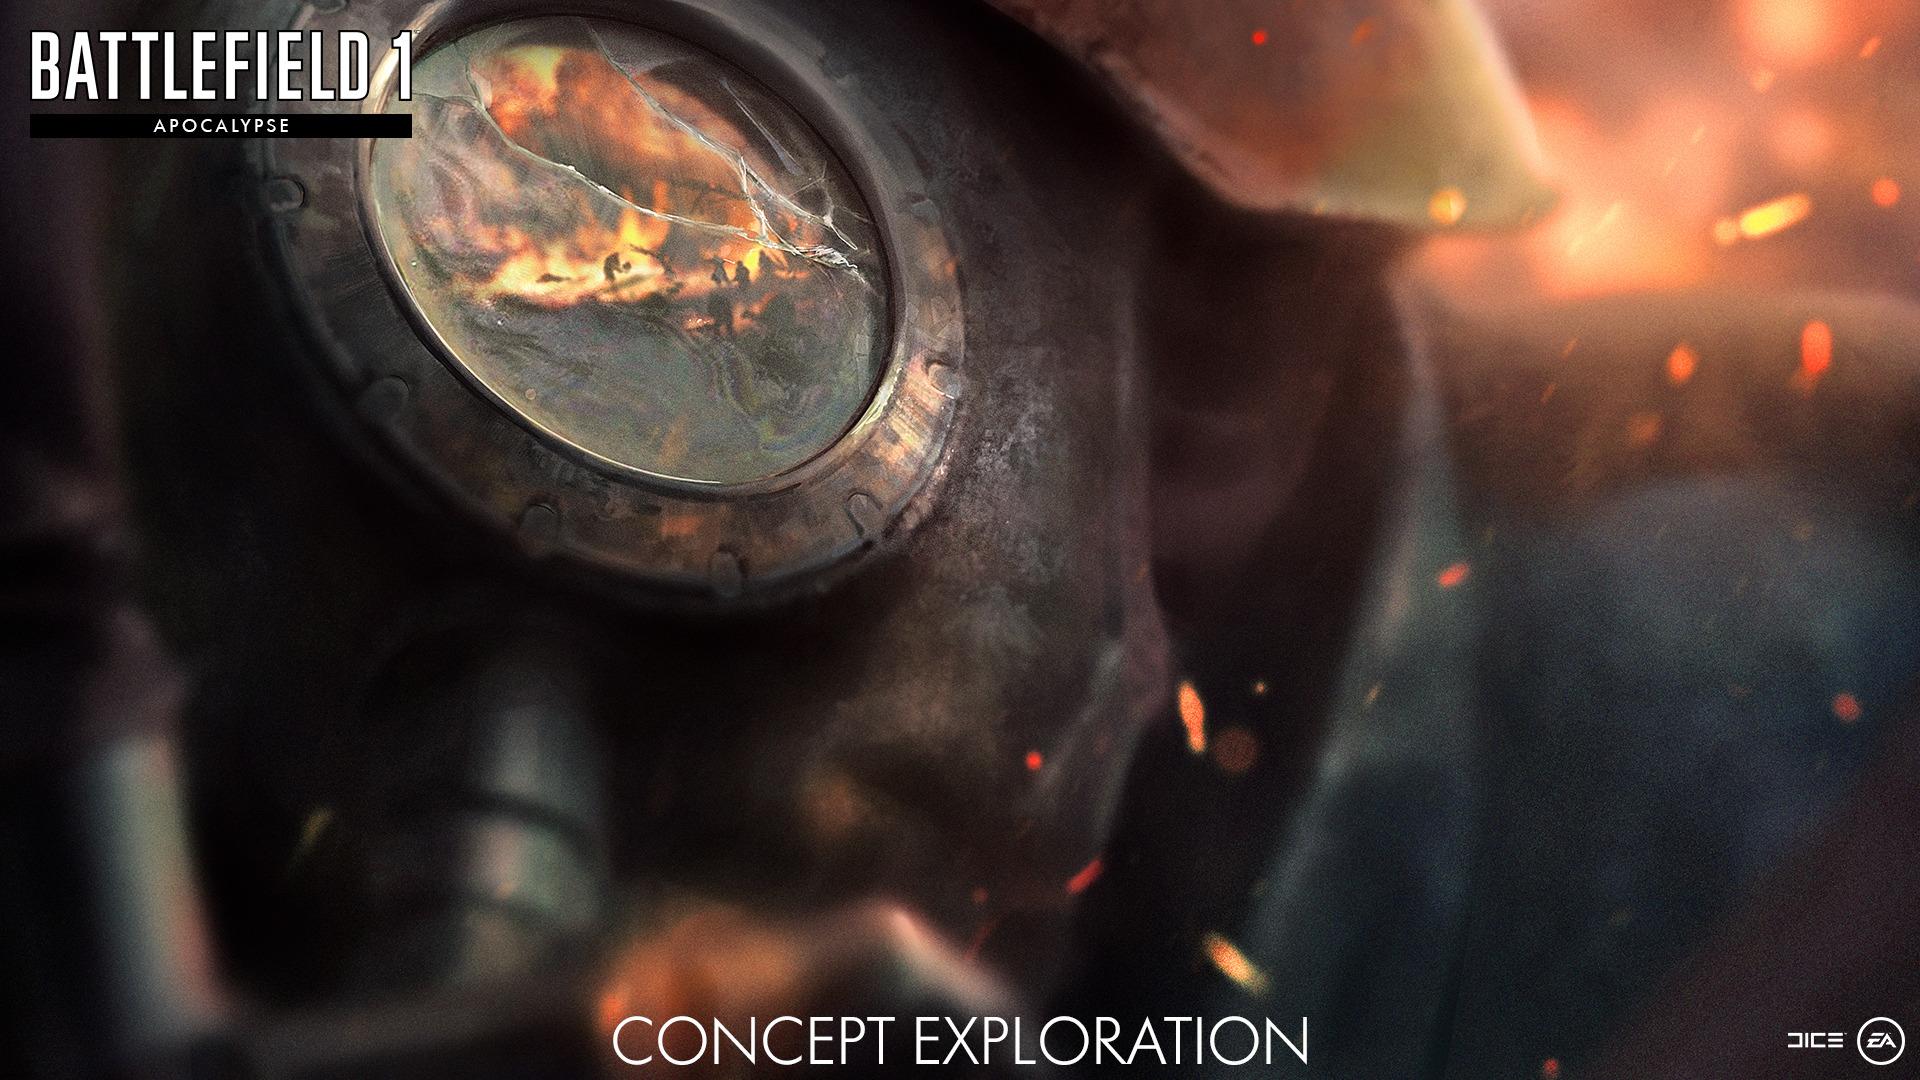 battlefield 1 apocalípse